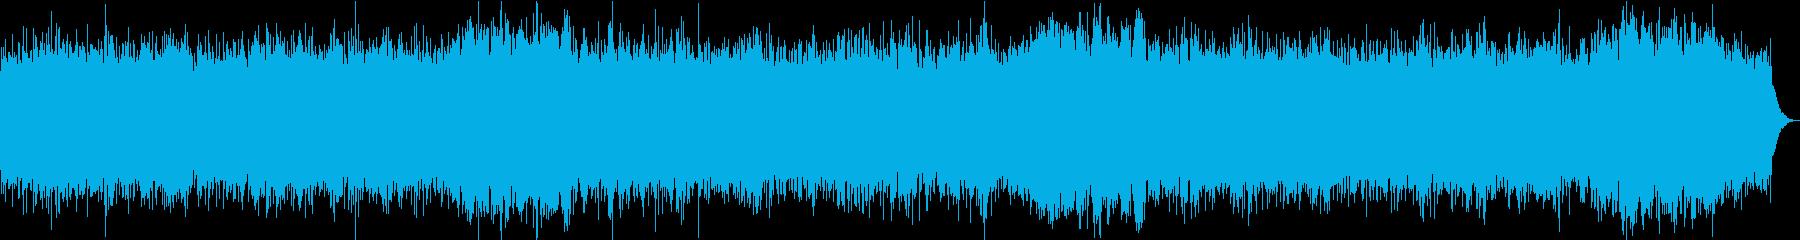 おだやかキラキラ/カラオケの再生済みの波形